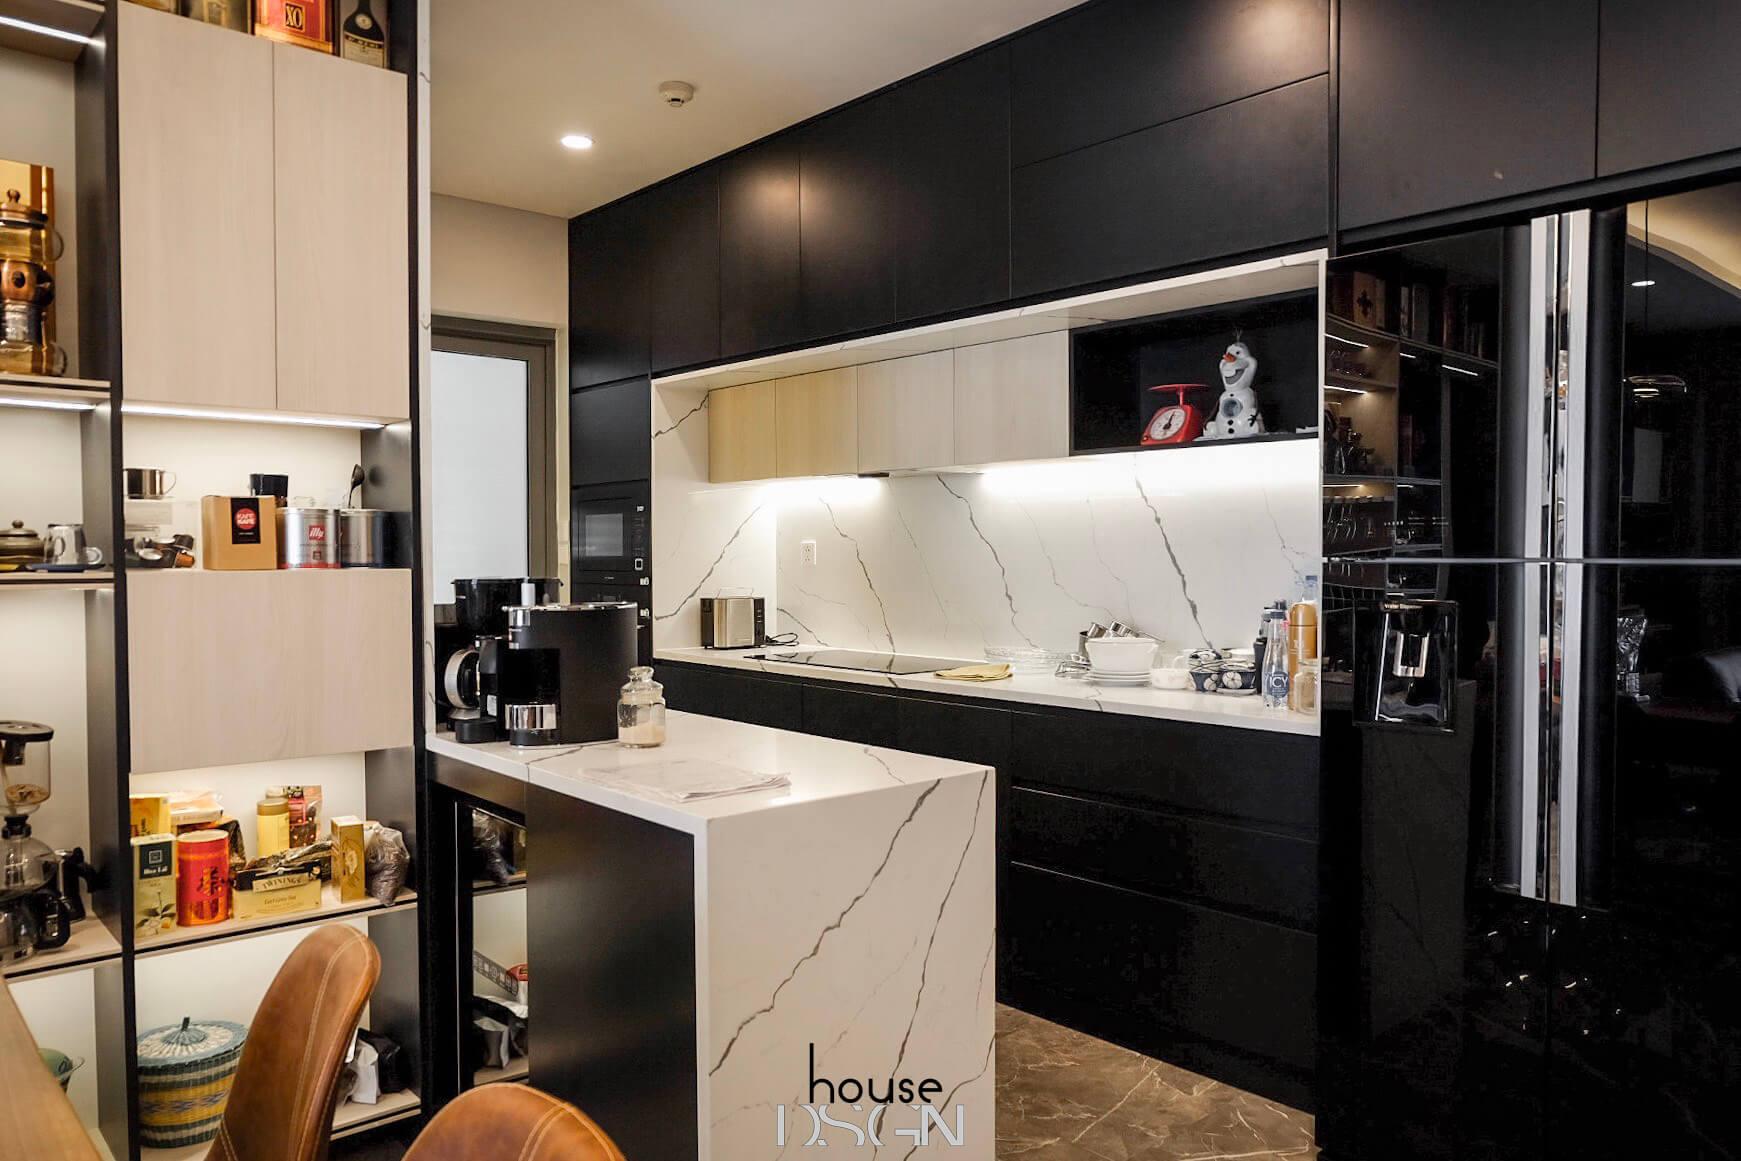 các phong cách thiết kế nội thất hiện đại là gì